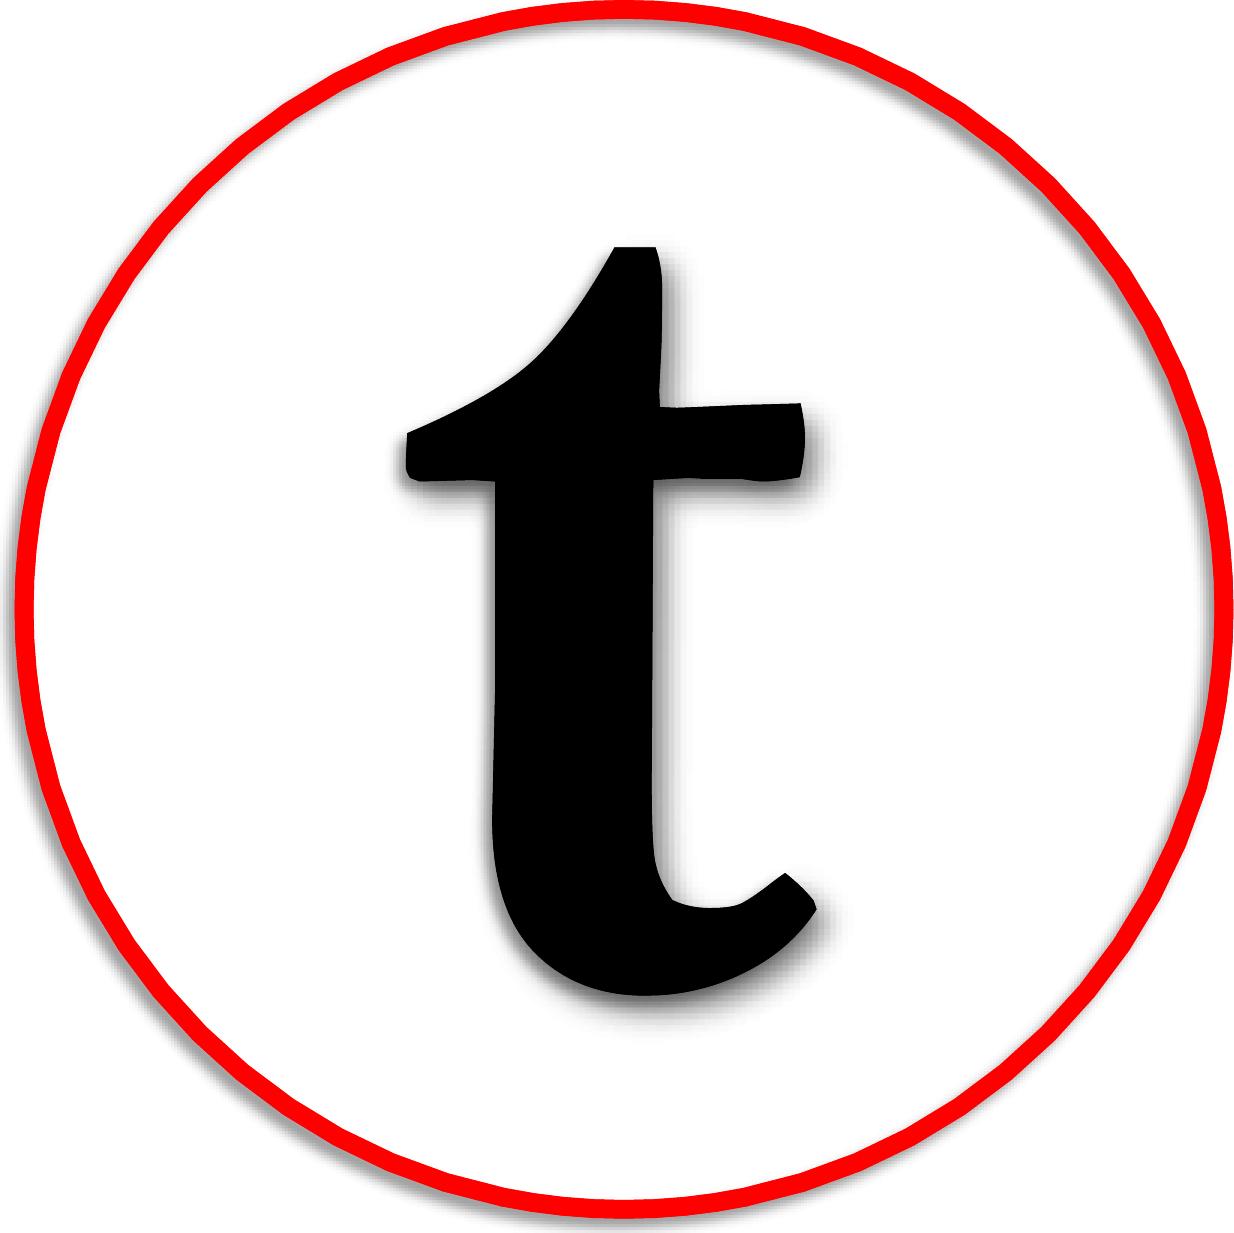 Tristan Bills